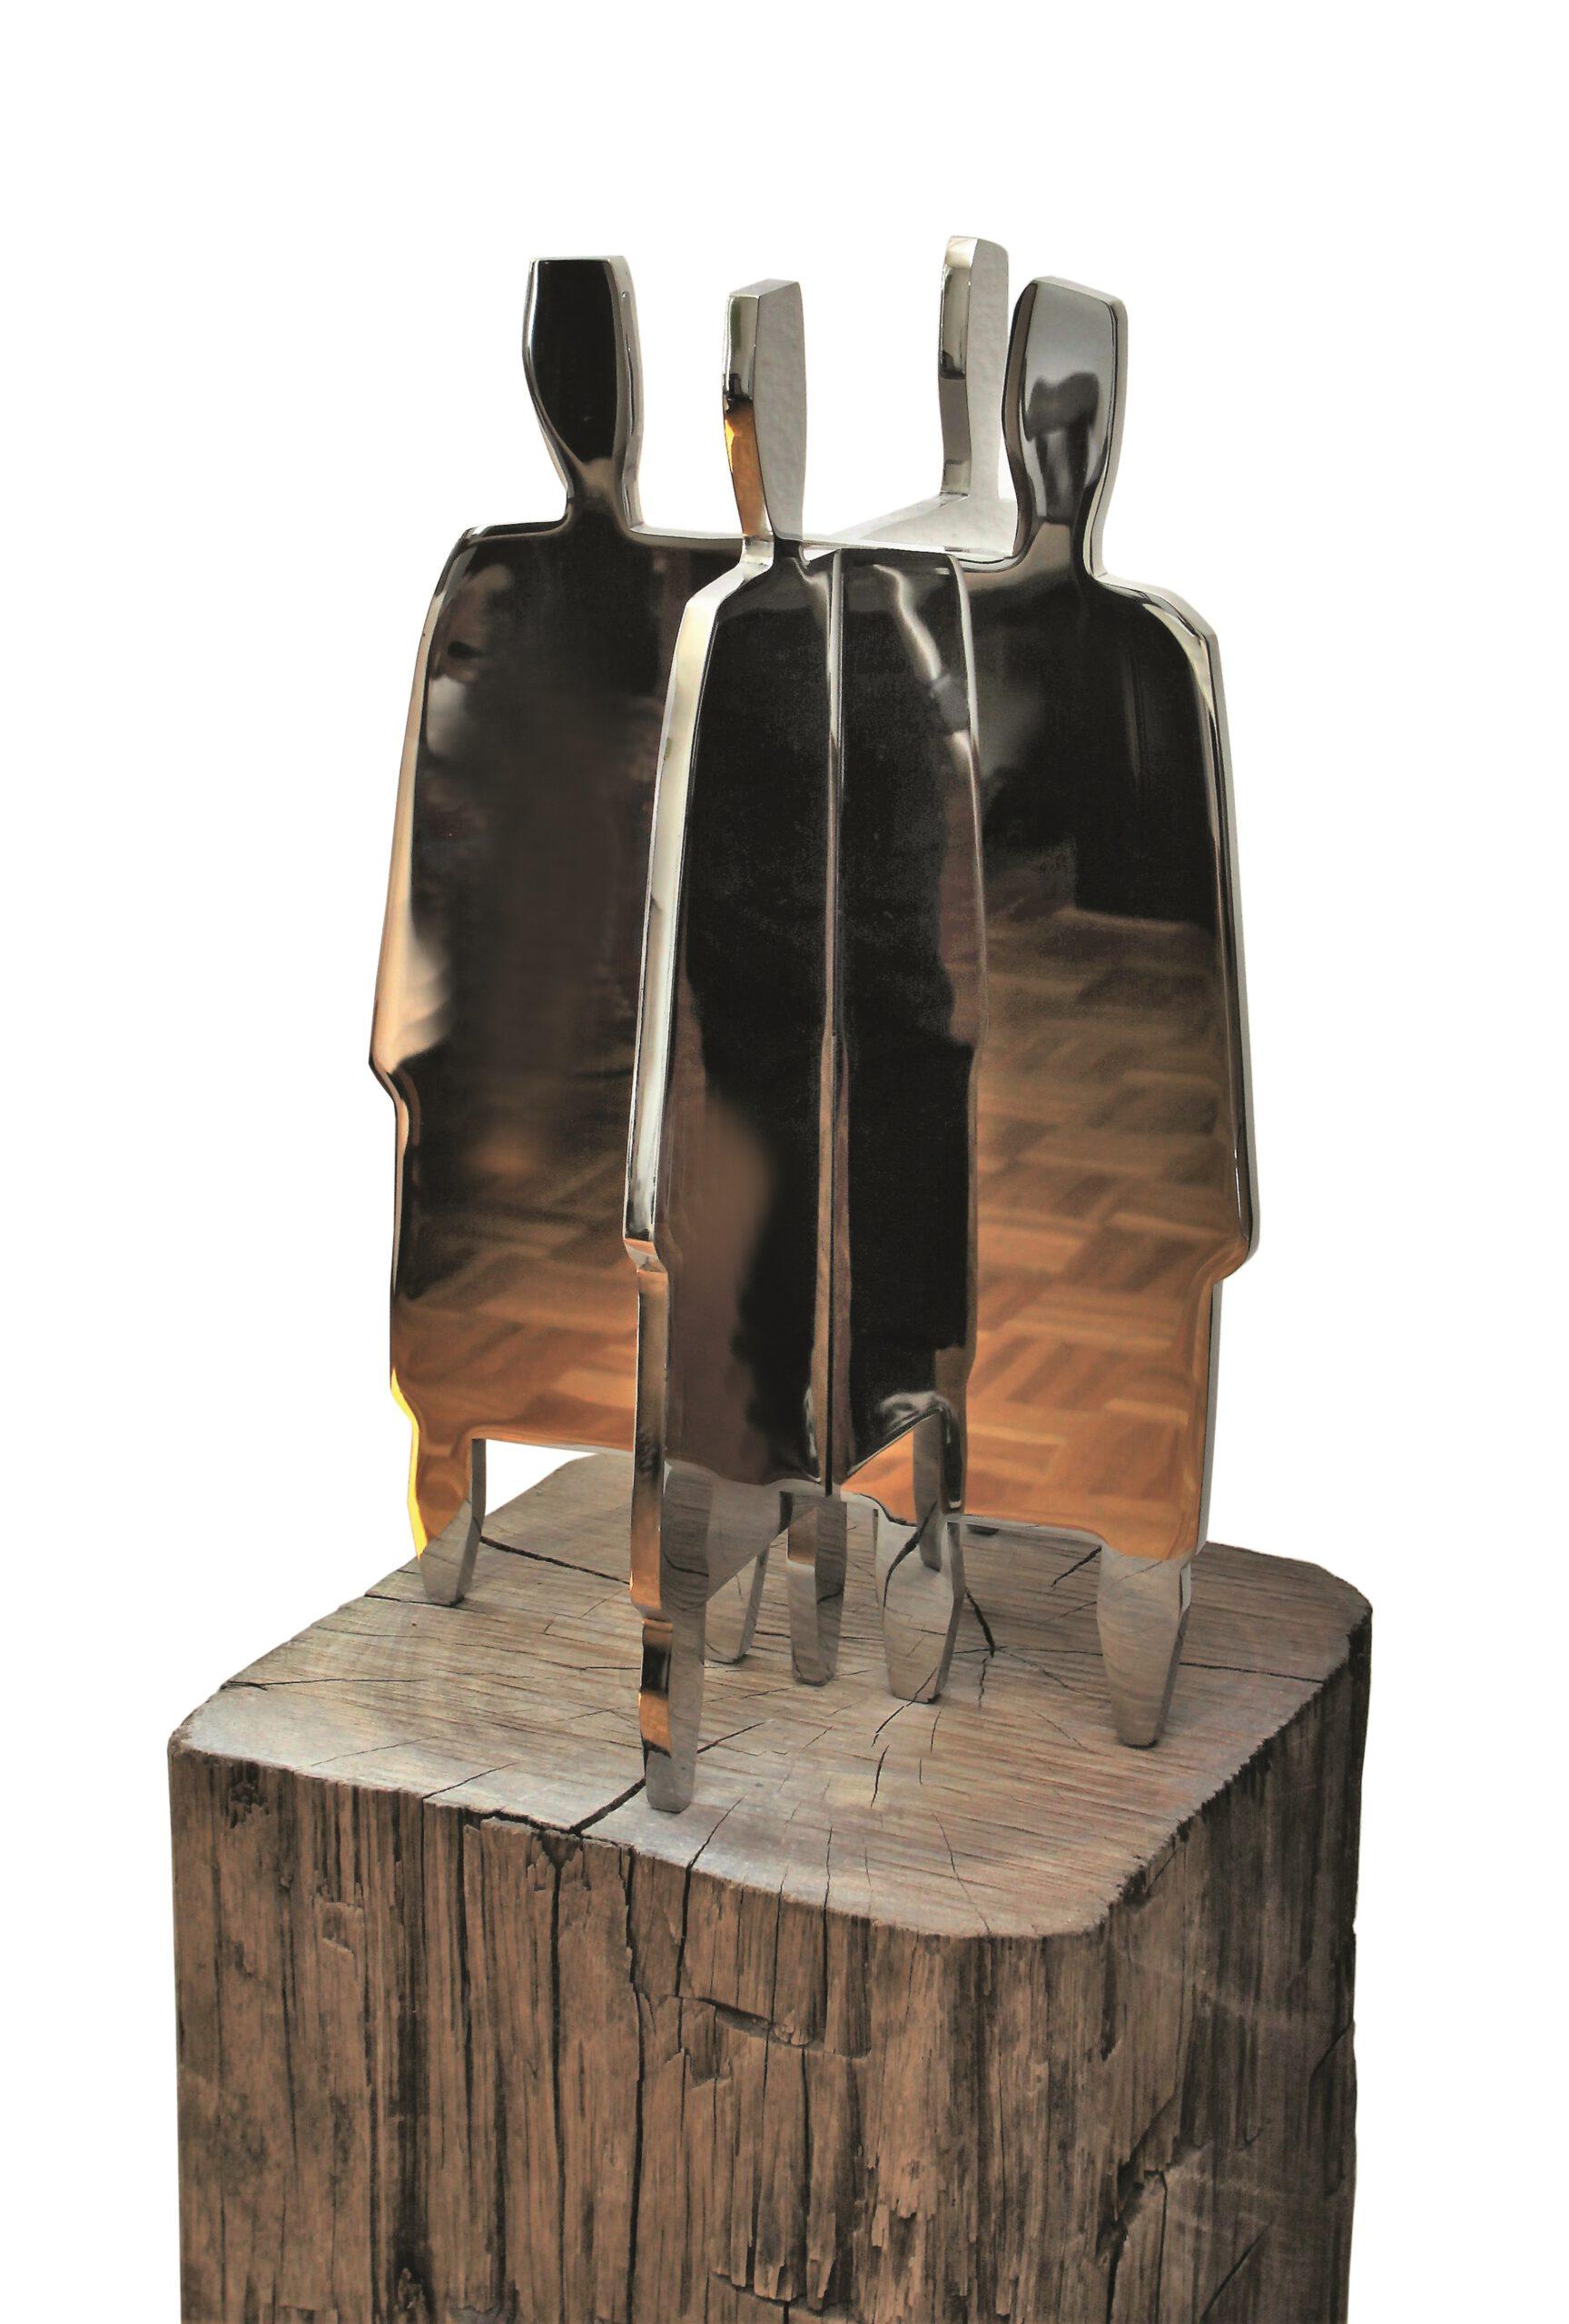 Der Reigen, Edelstahl auf Holzpfahl, Höhe 145 cm